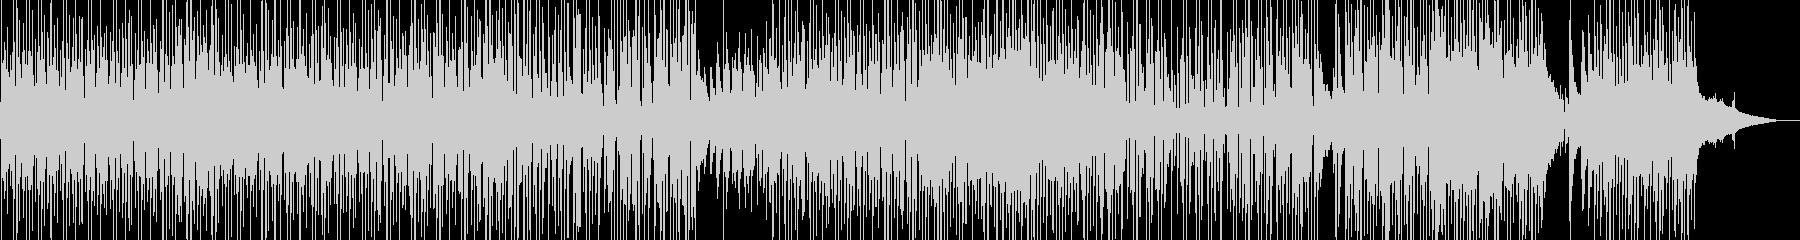 アコギ・ほのぼの映像や作品にの未再生の波形